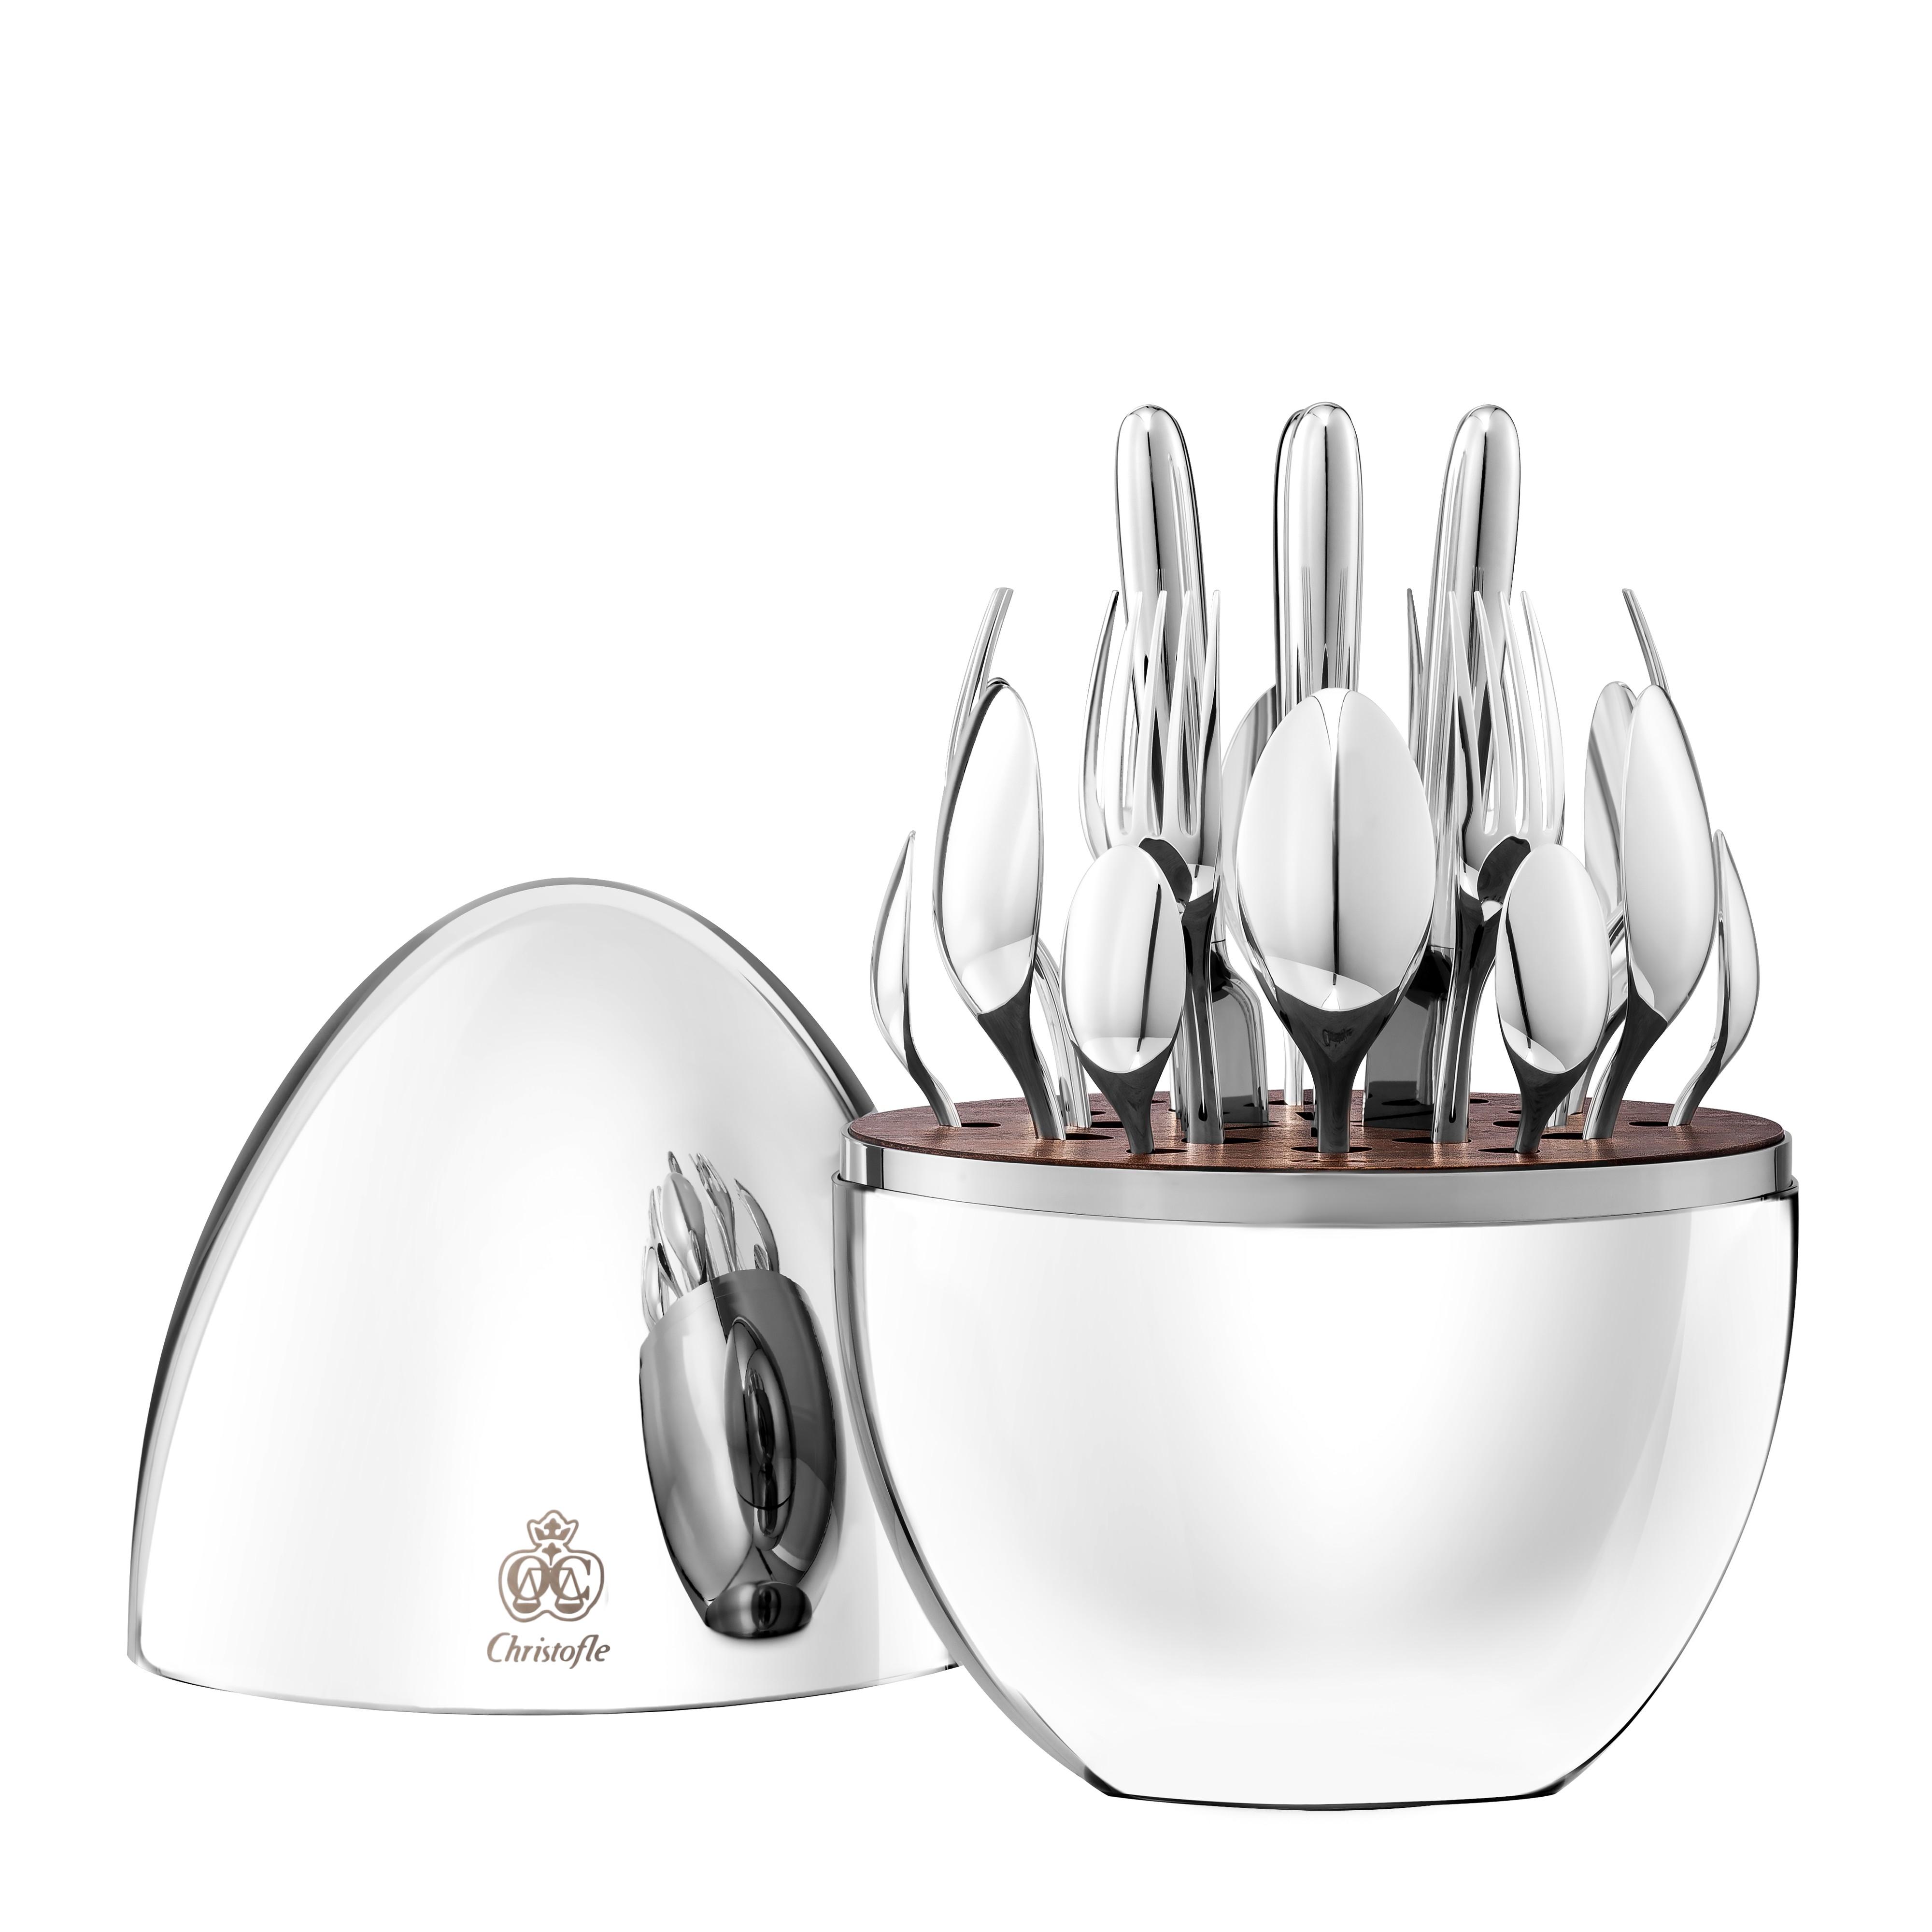 Парижский шик: объекты для свадебной сервировки от Lalique и Christofle   галерея [1] фото [1]